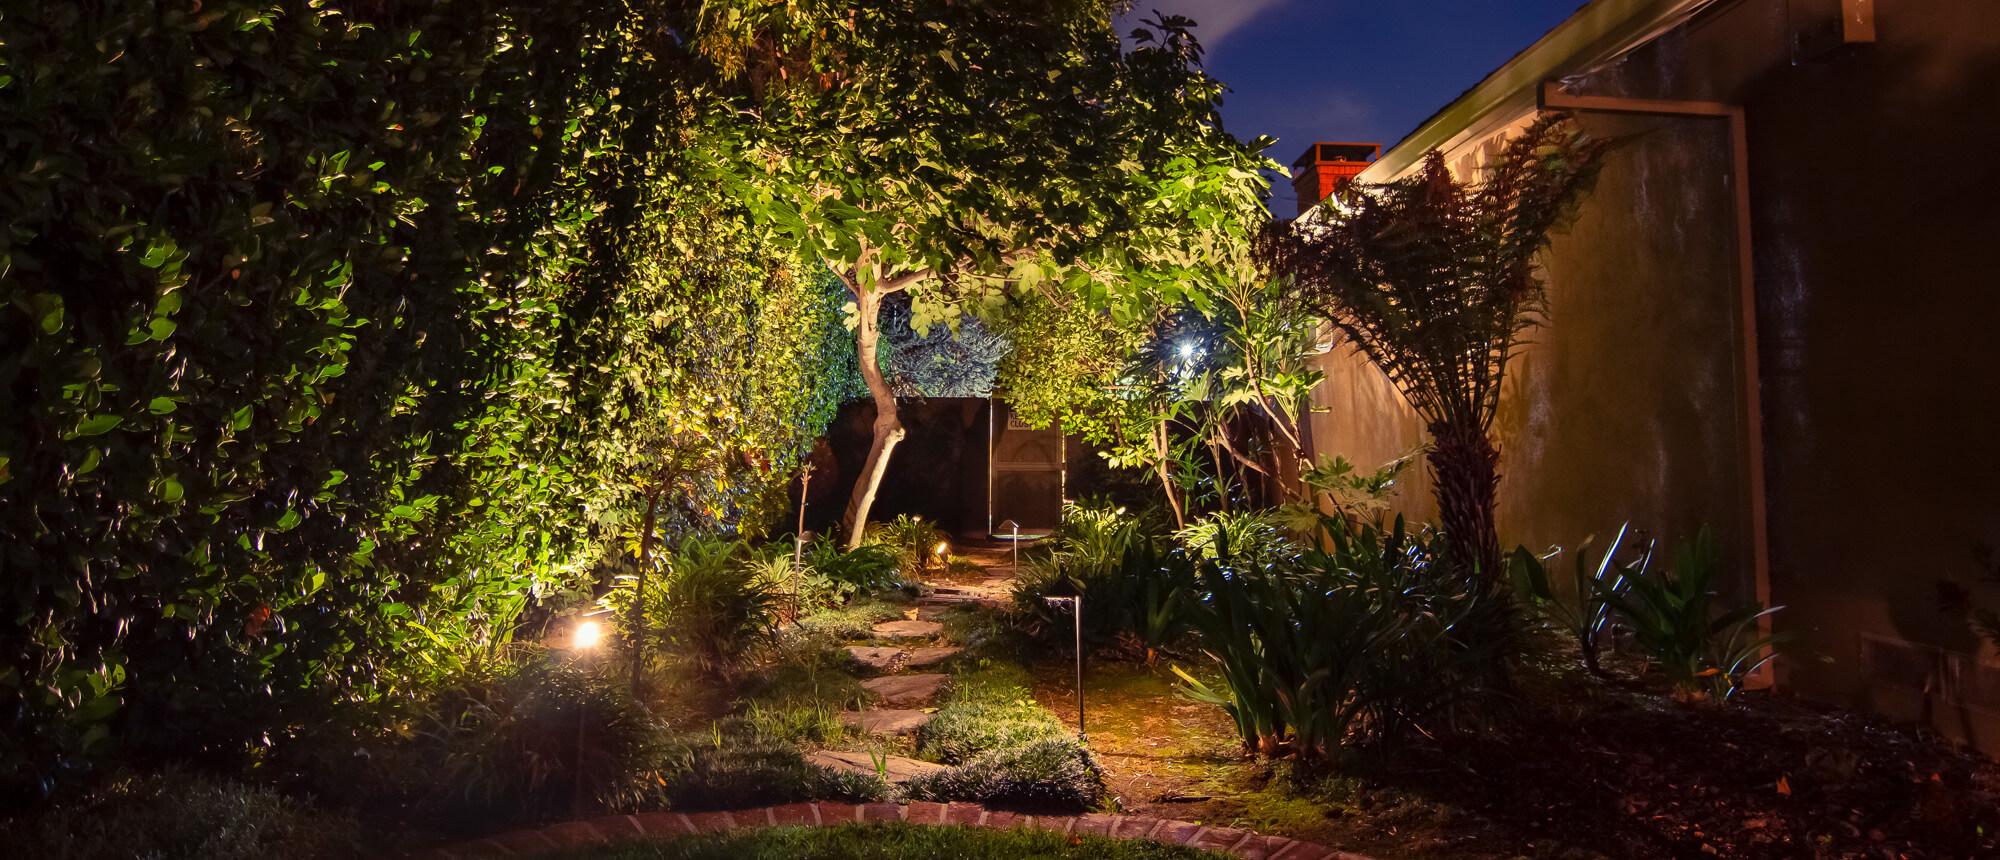 landscape lighting technniques